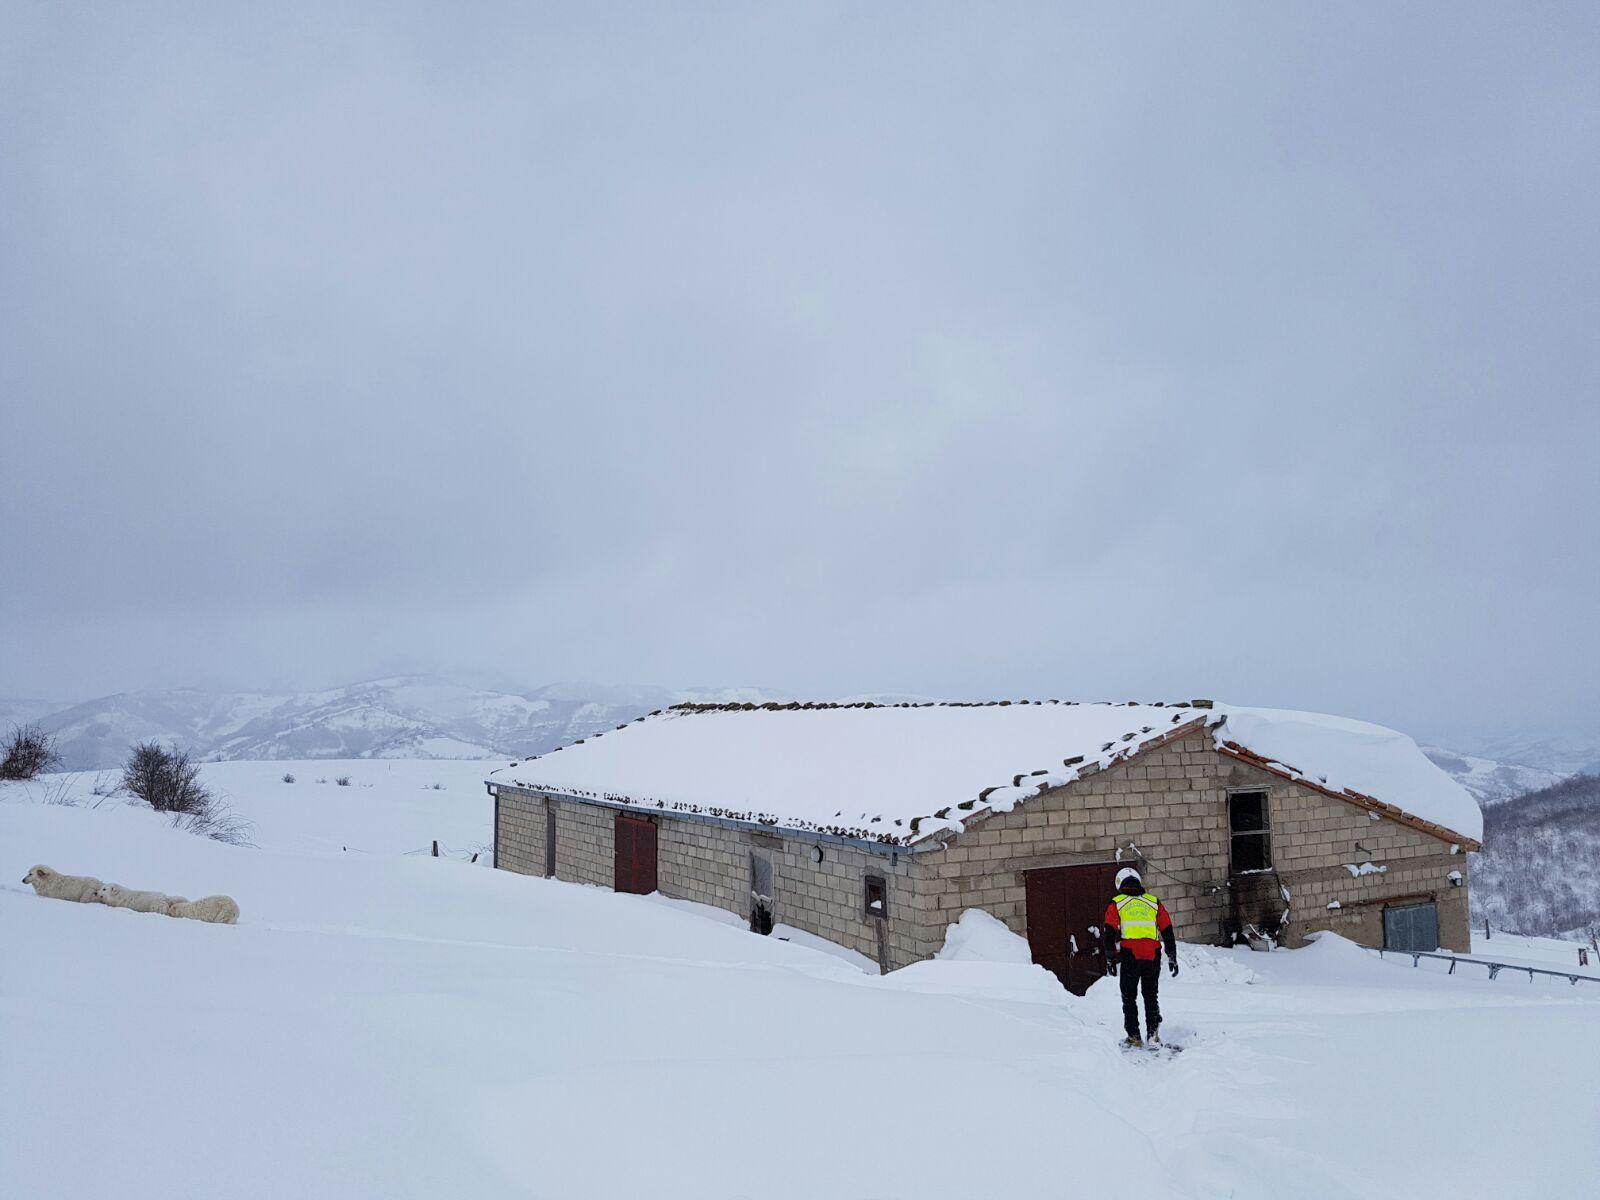 Emergenza neve in Centro Italia: il cuore straordinario dell'Italia che sa aiutare gli altri | Emergency Live 16